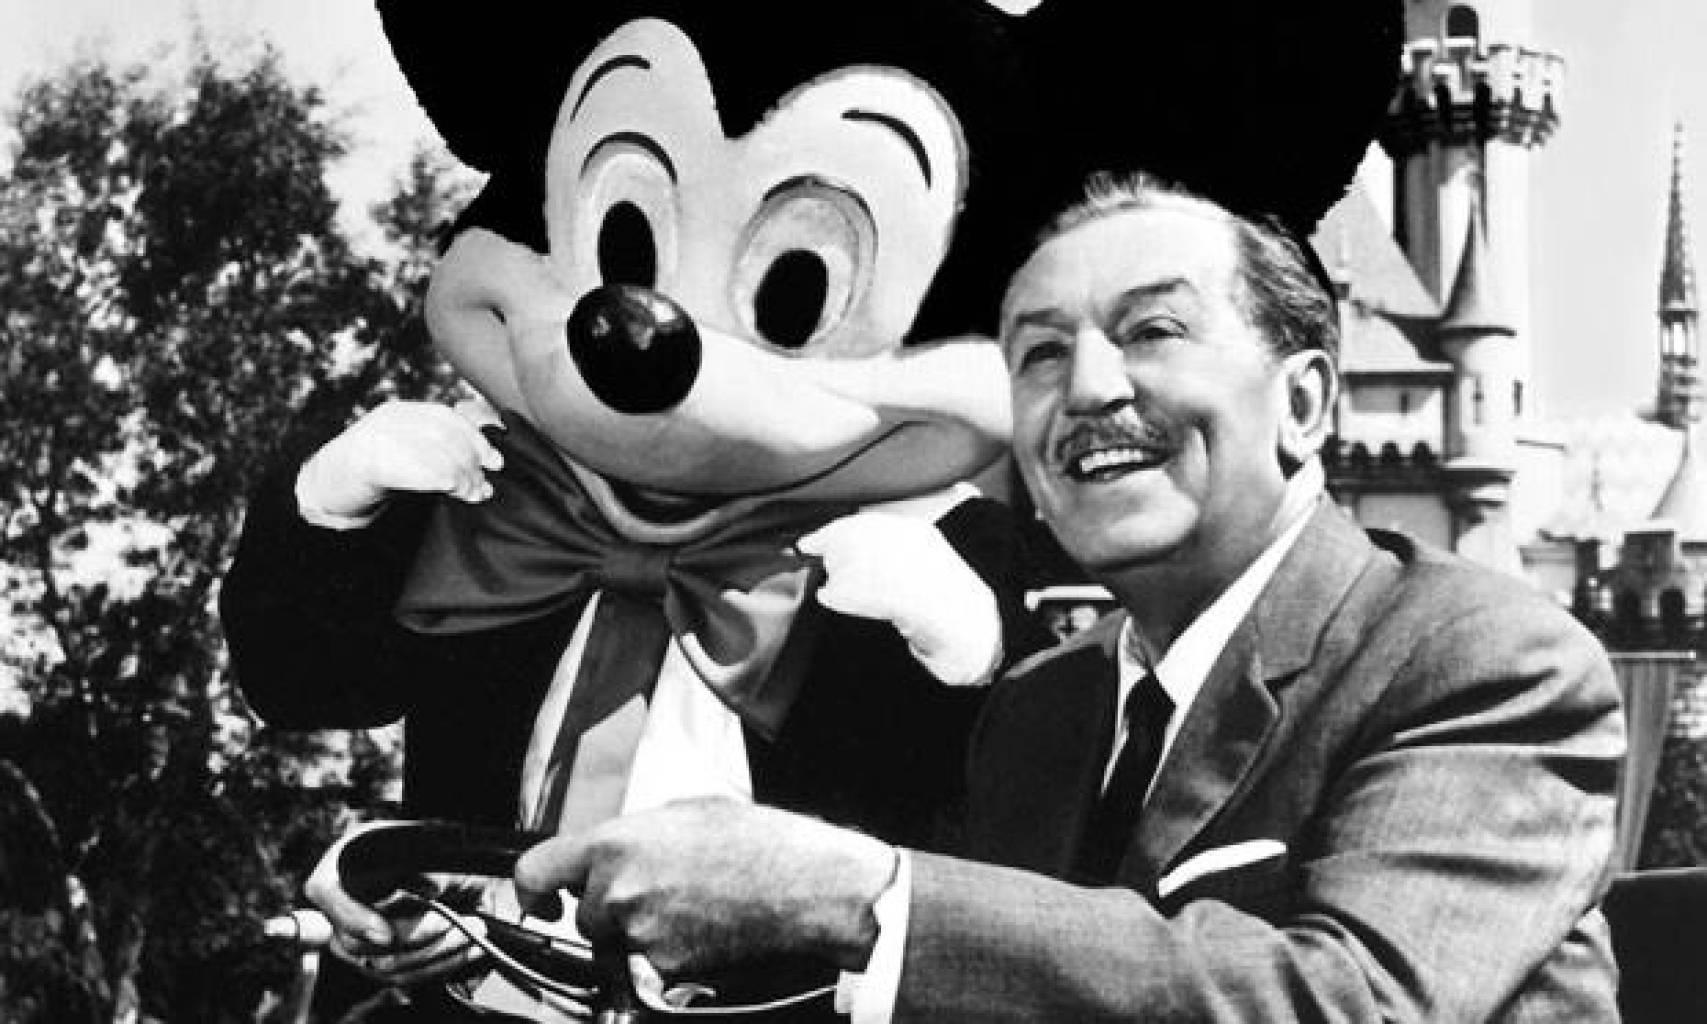 Walter Disney congelado?: el mito tras la muerte del genio - La Tercera